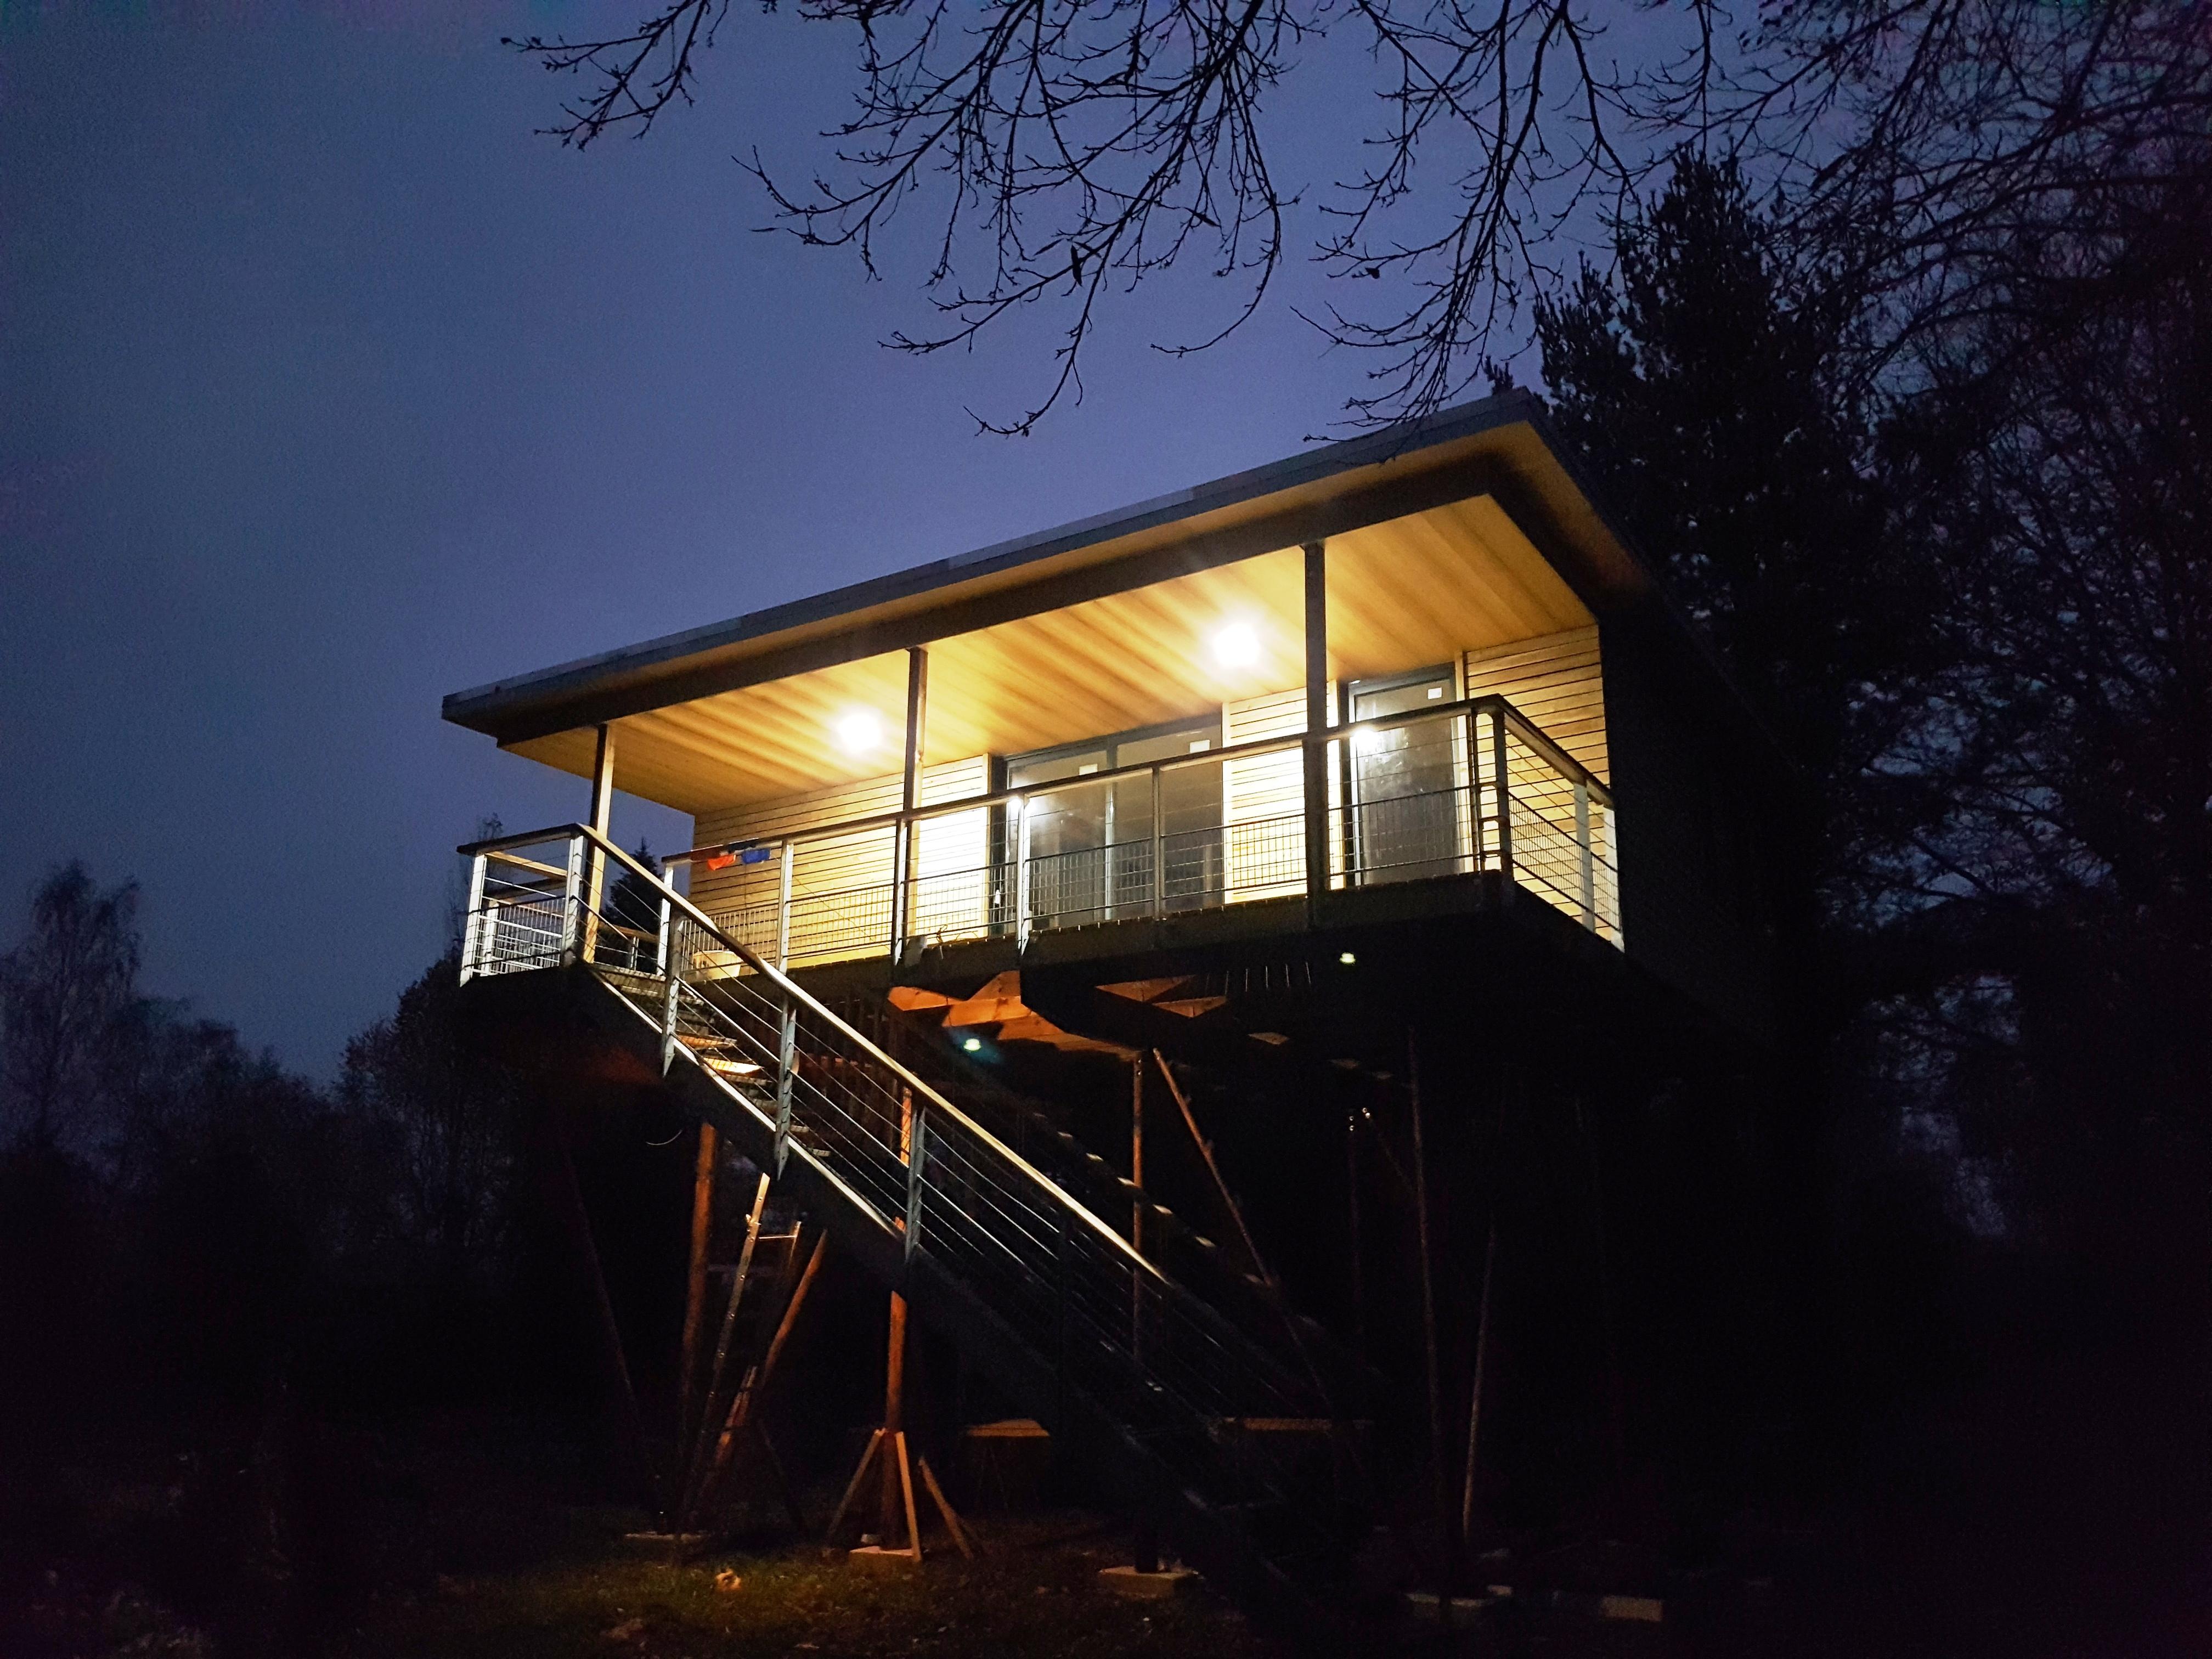 vue de nuit maison dans les arbres